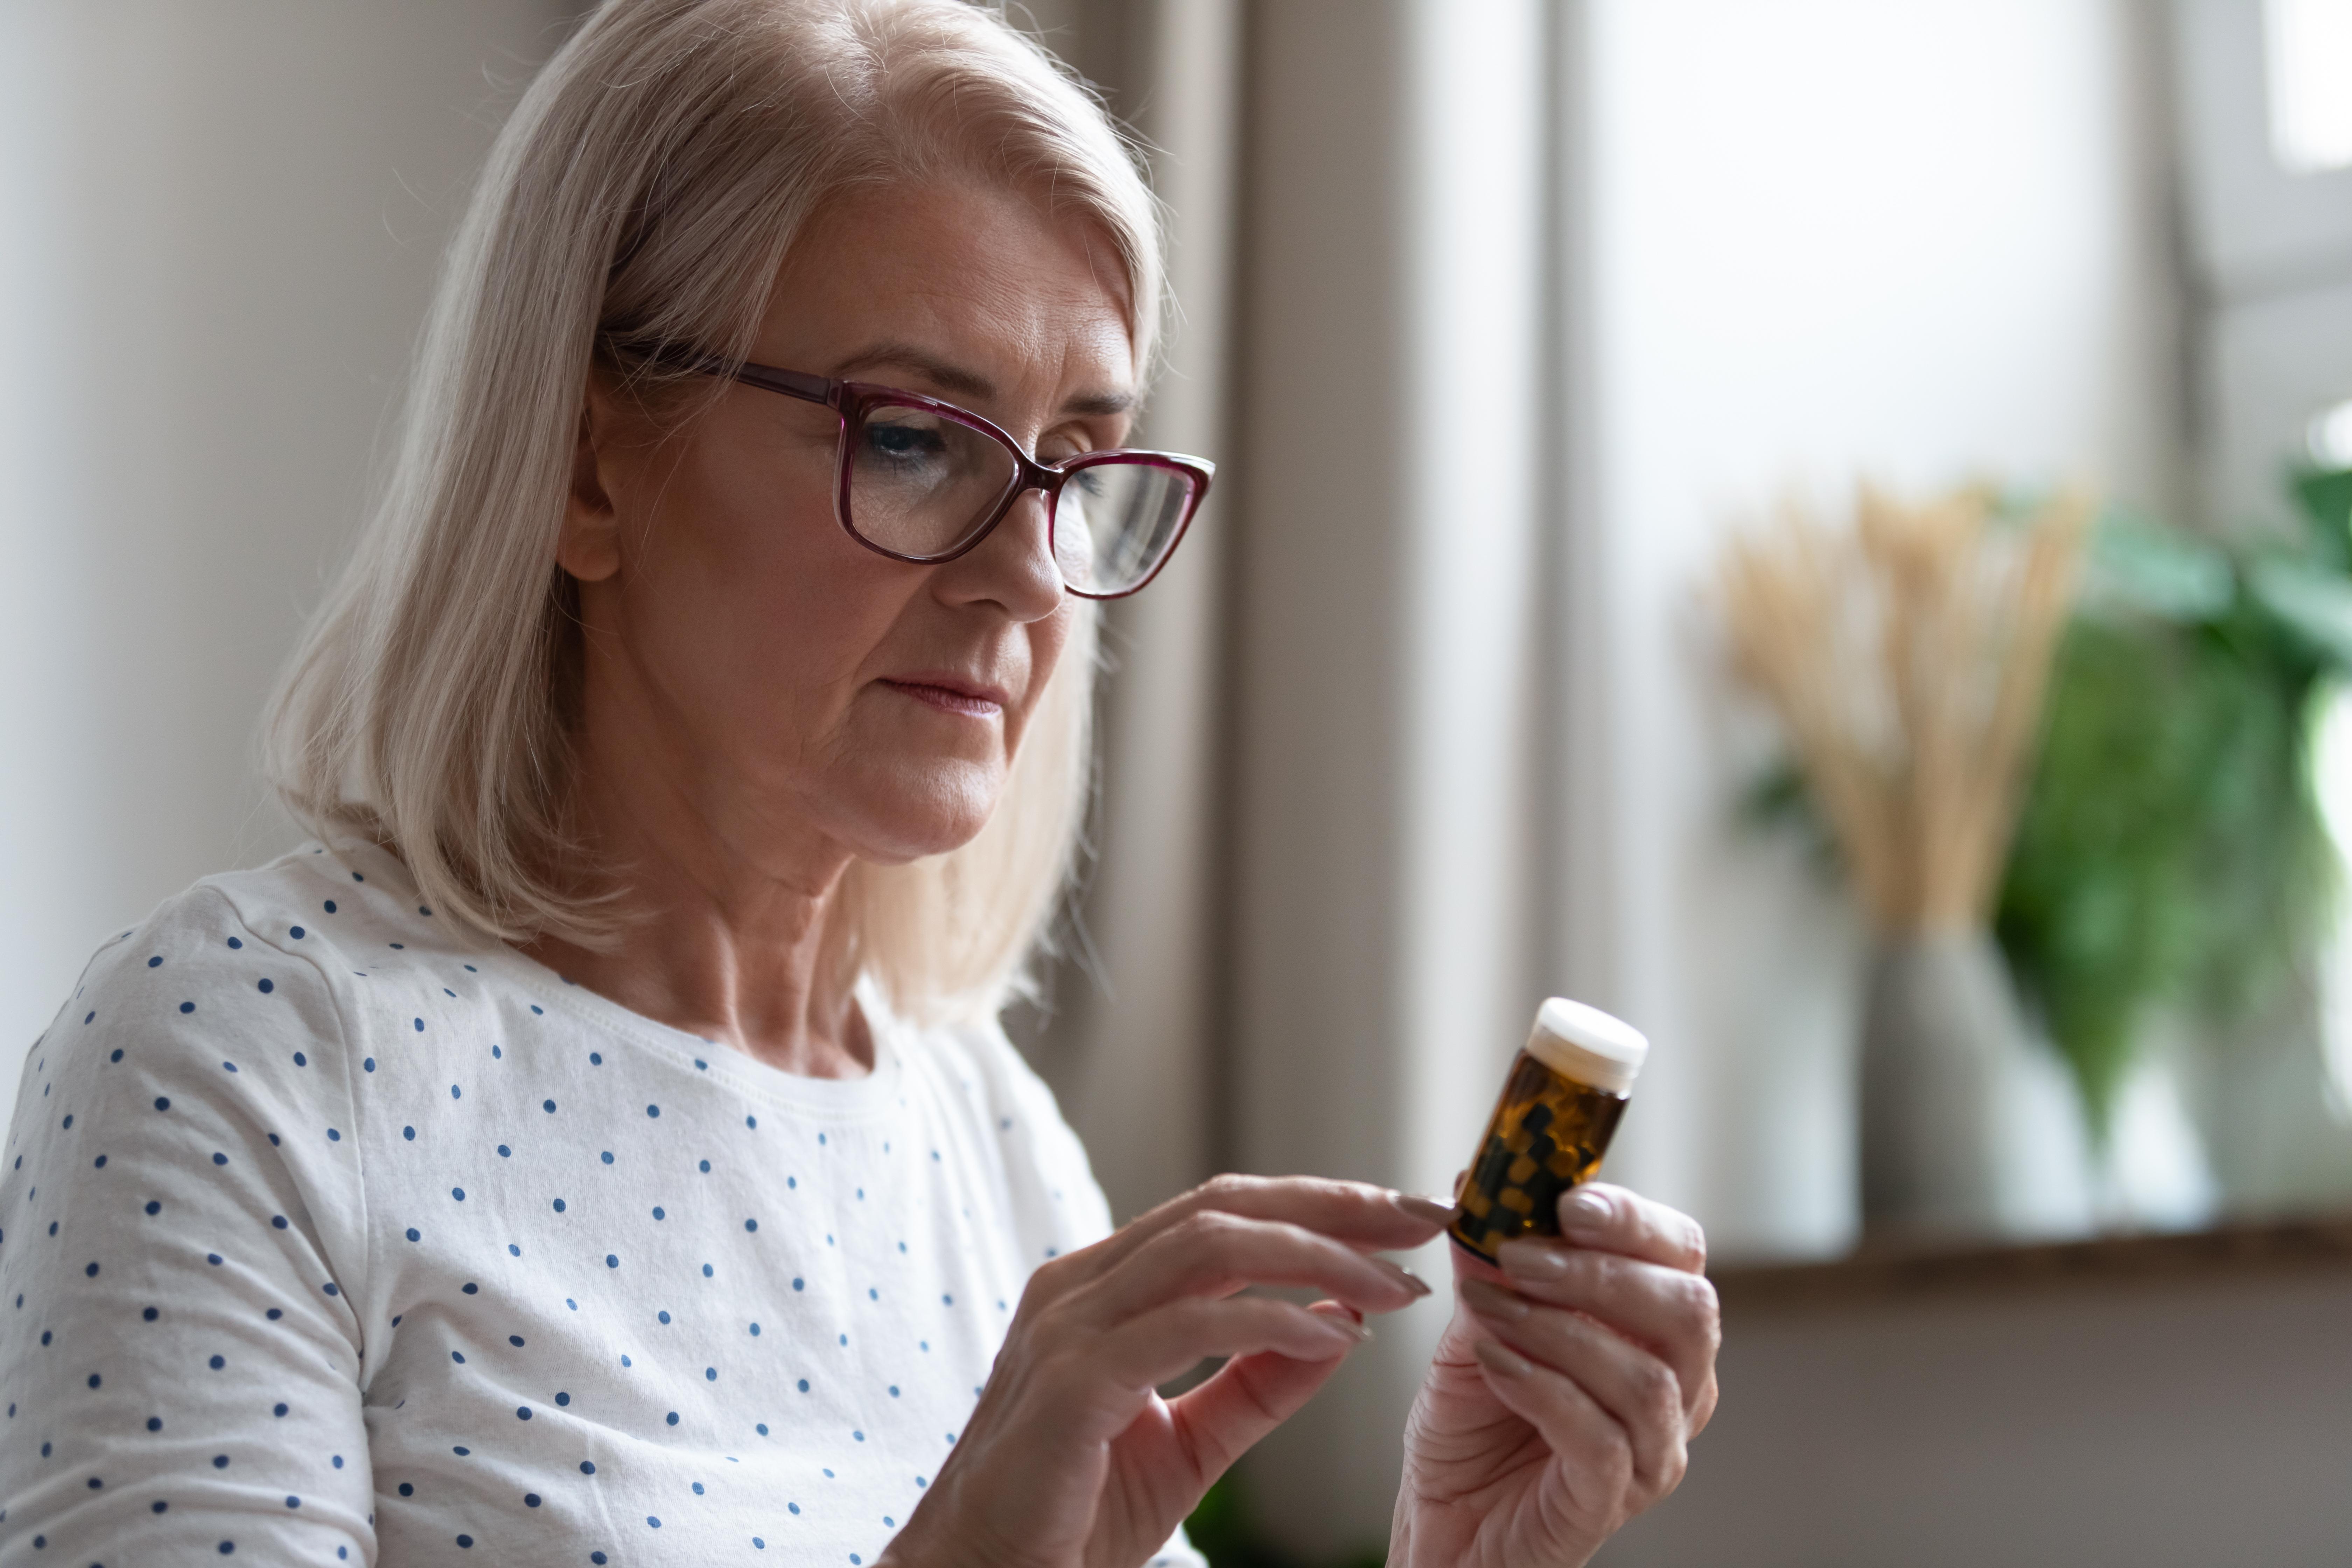 Om du har frågor kring dina läkemedel eller generiskt utbyte ska du i första hand prata med farmaceuten på ditt apotek eller din läkare.